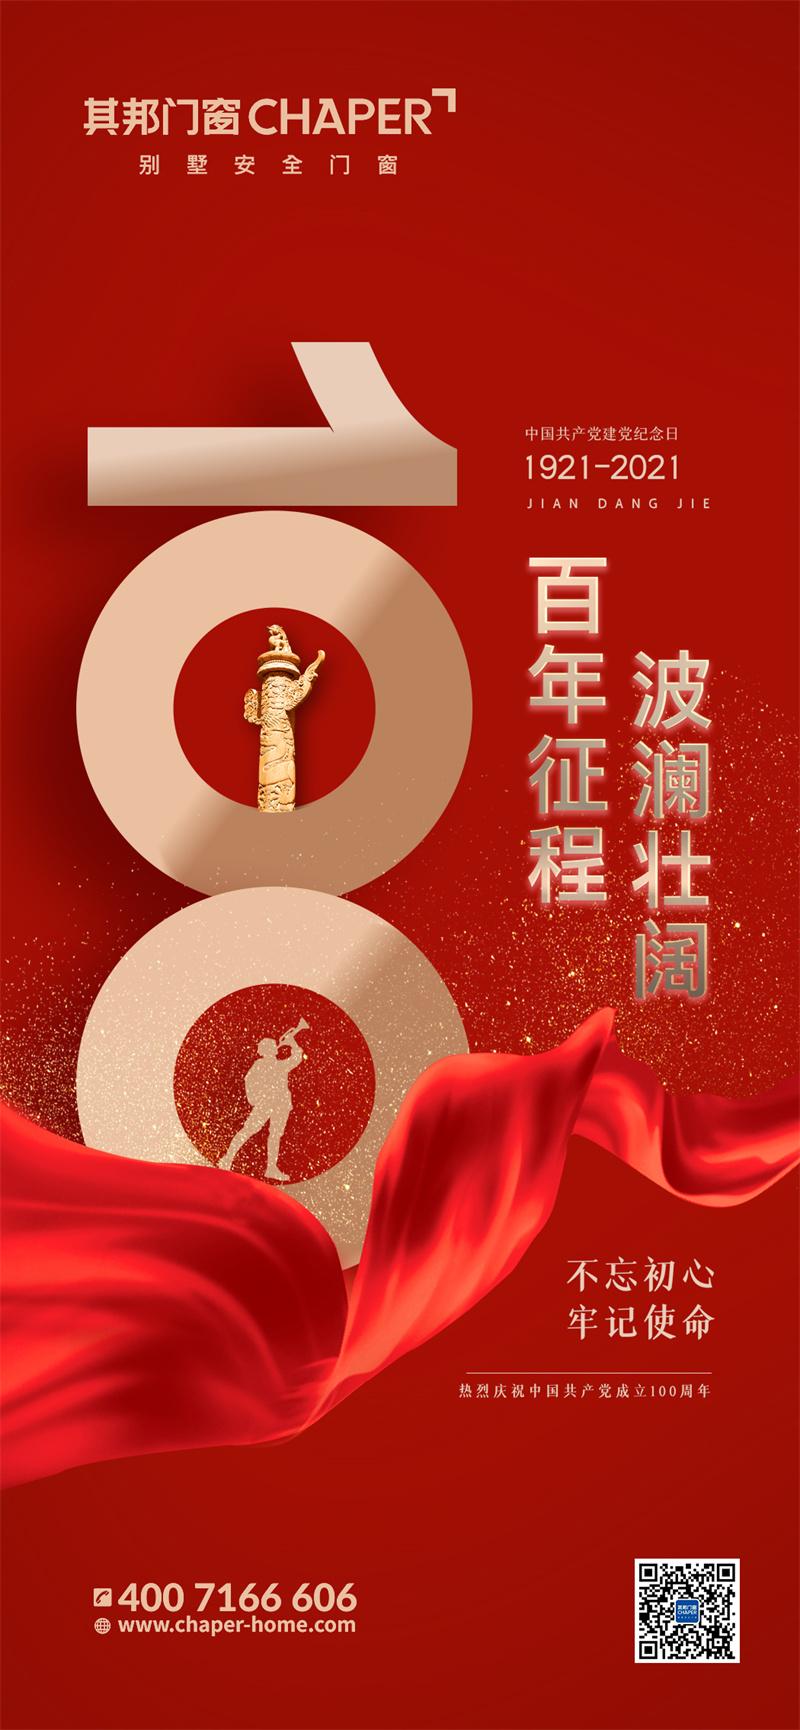 中国建党百年